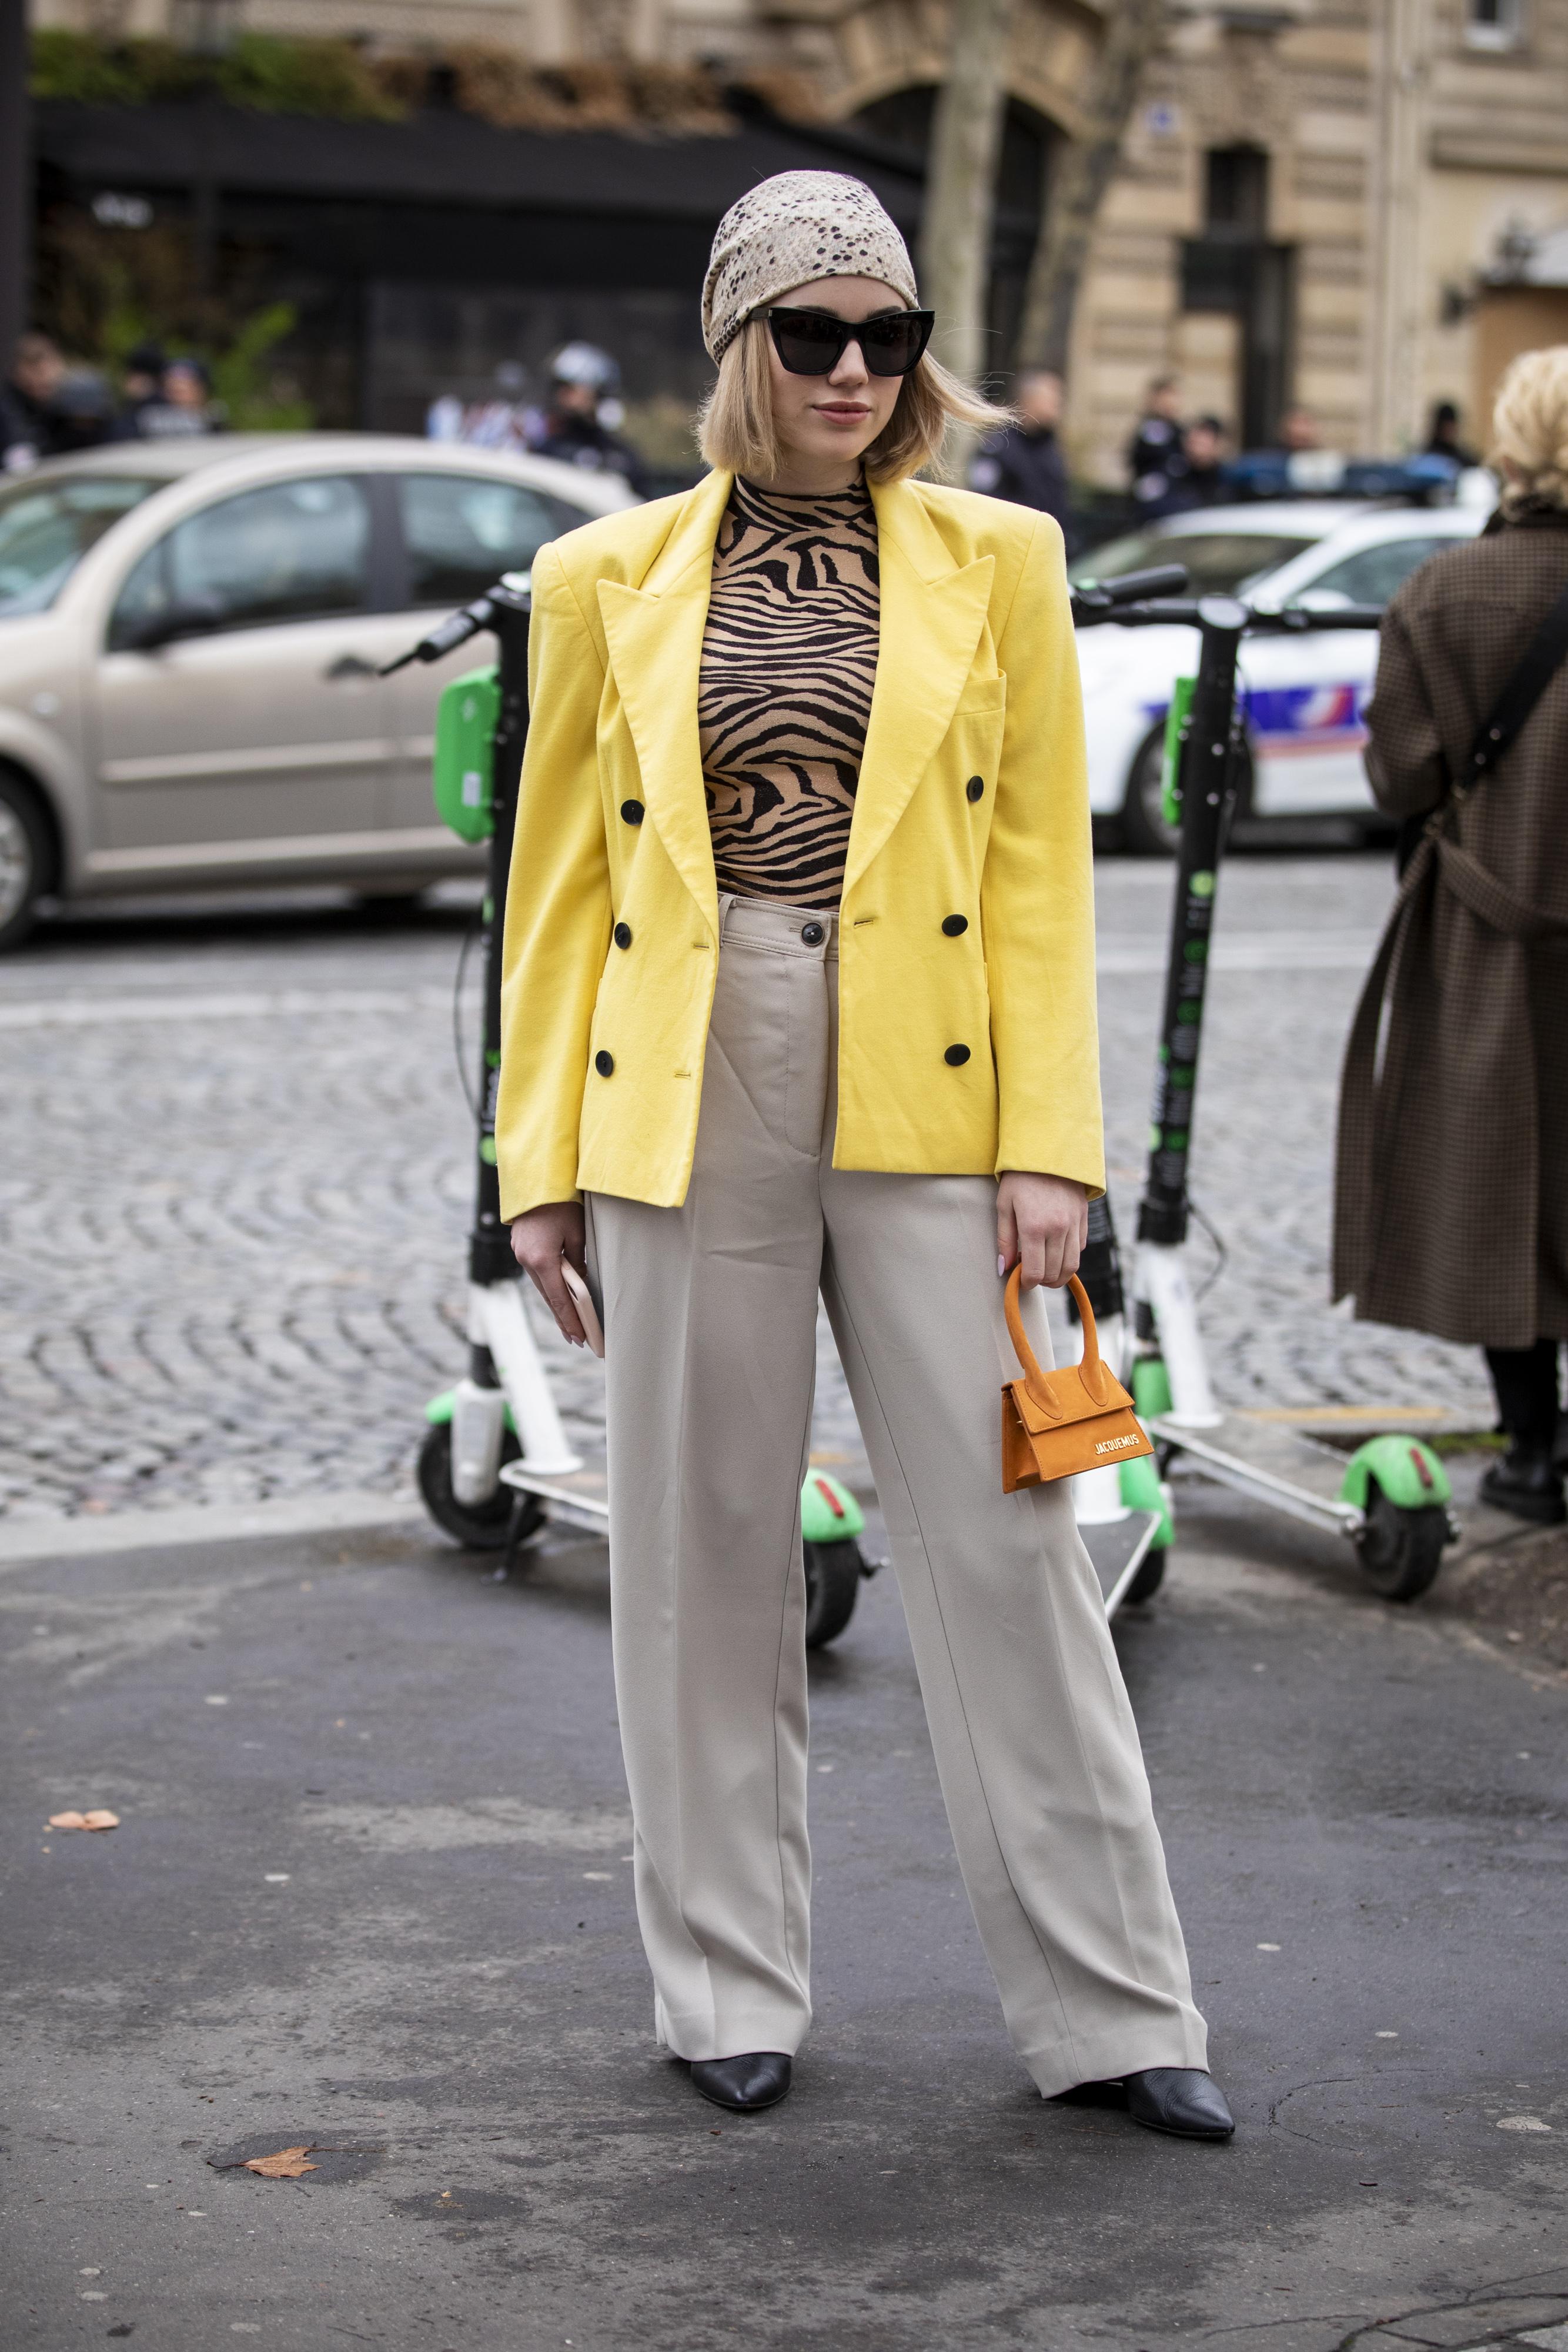 オーバーショルダーの80'sのジャケットスタイルのインナーにはボディペイントしたようなゼブラ柄のトップスを。コンサバティブなボトムとのミックス感を楽しんで。極小バッグも今のトレンドにフィット。